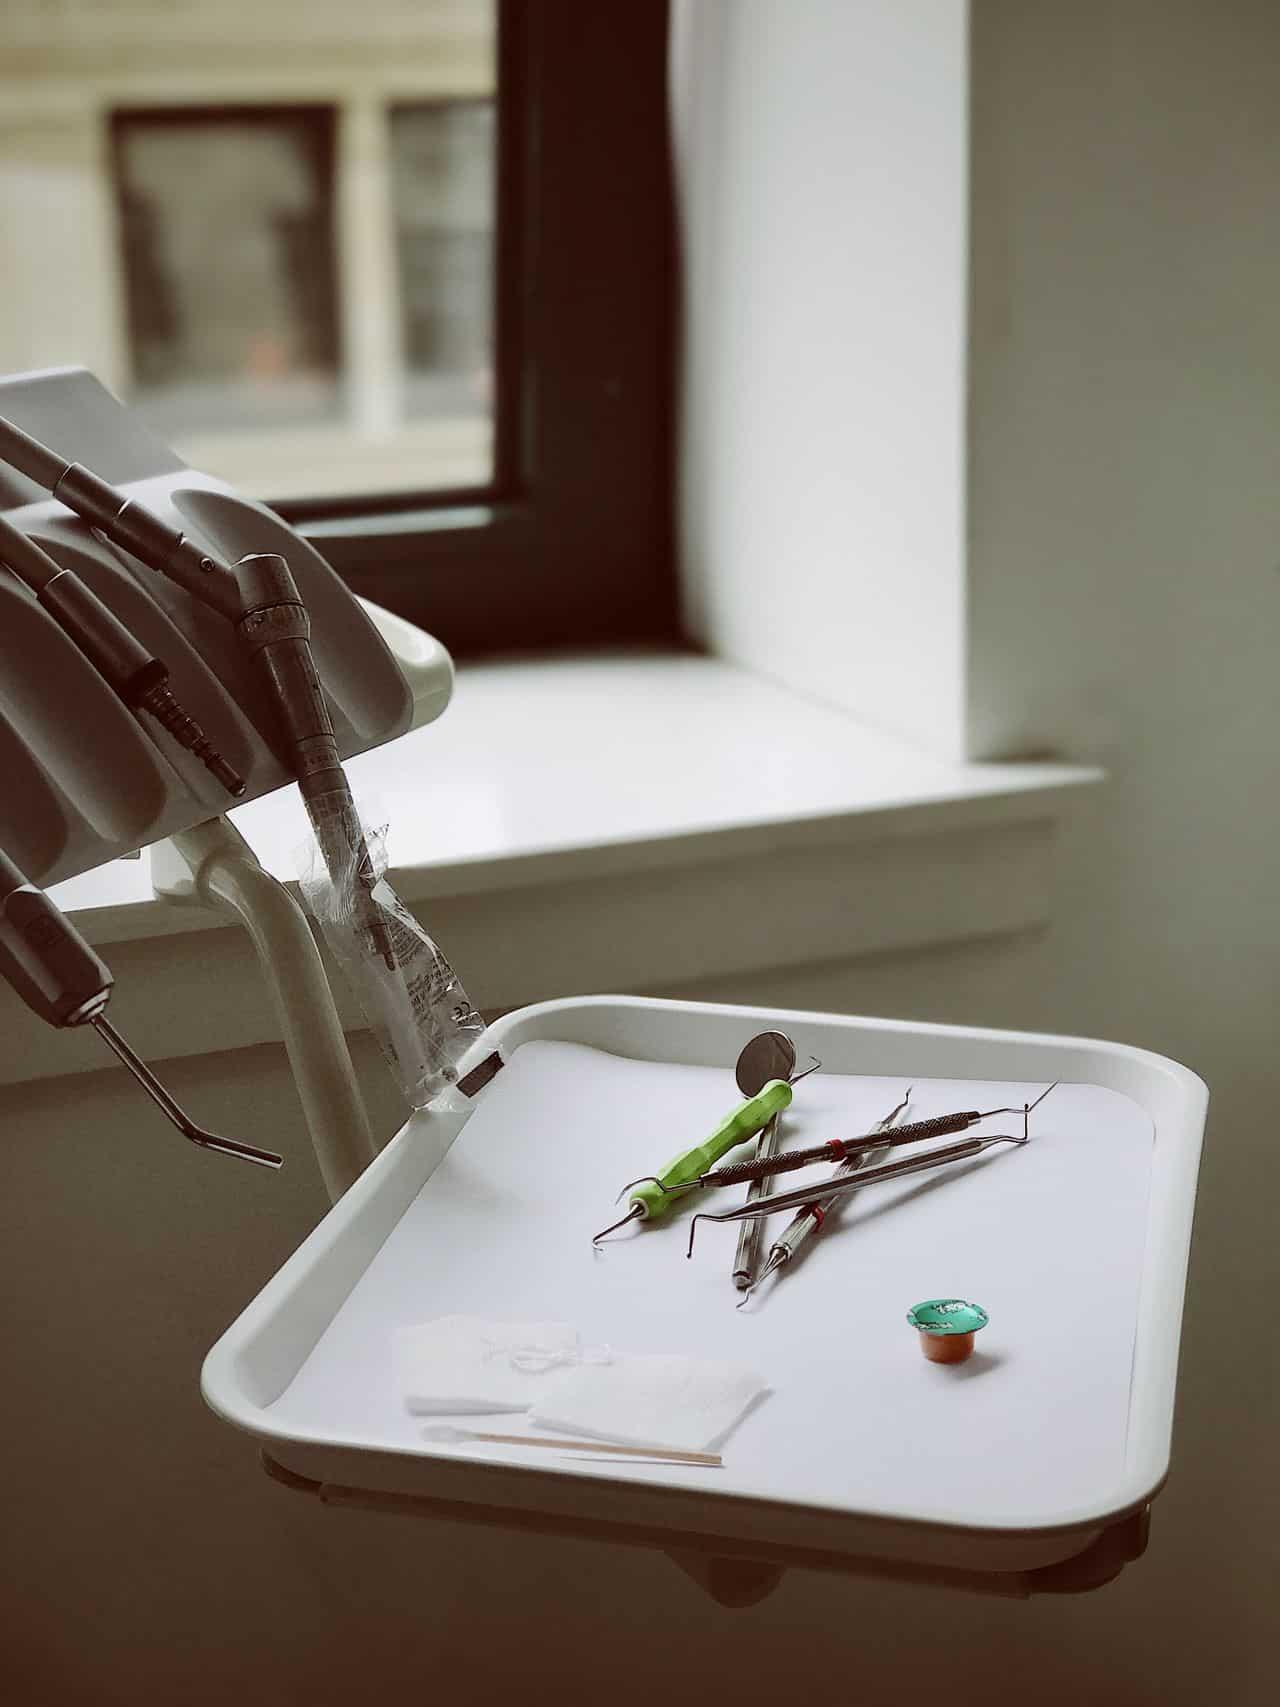 wszczepianie implantów zębowych